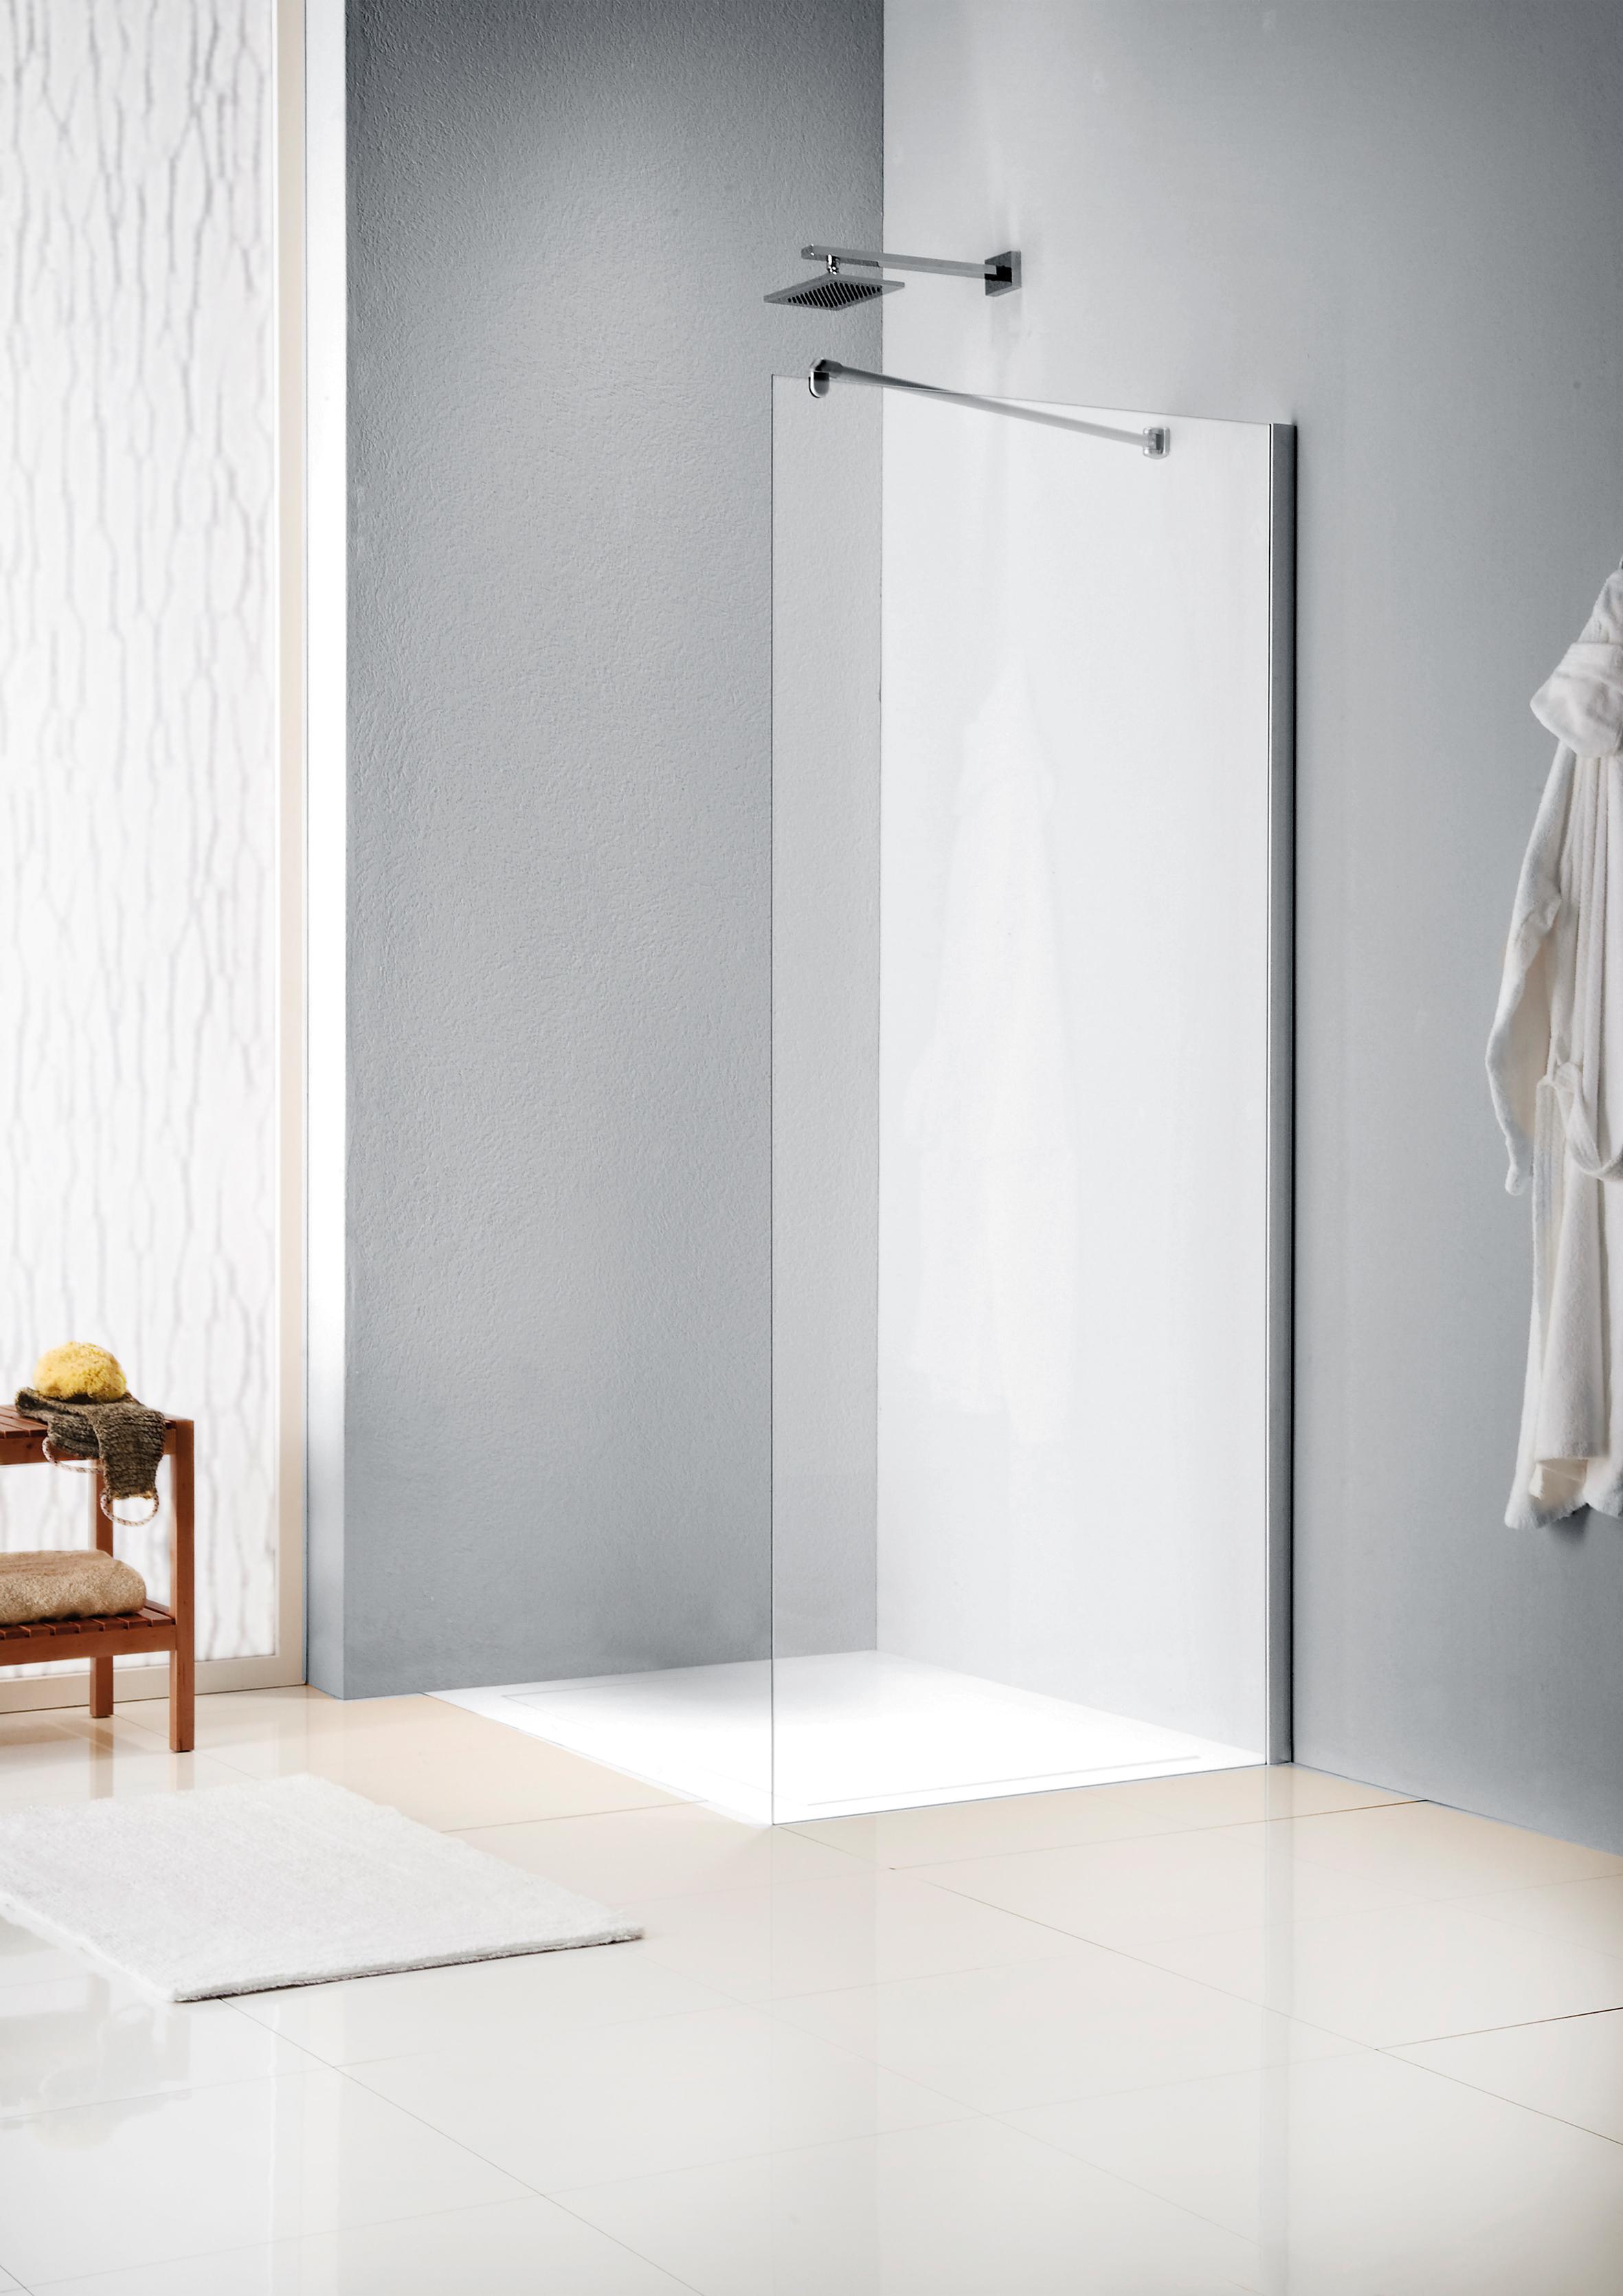 Sealskin Get Wet W205 inloopdouche 90x200cm mat zilver profiel en helder glas voorzien van antikalk